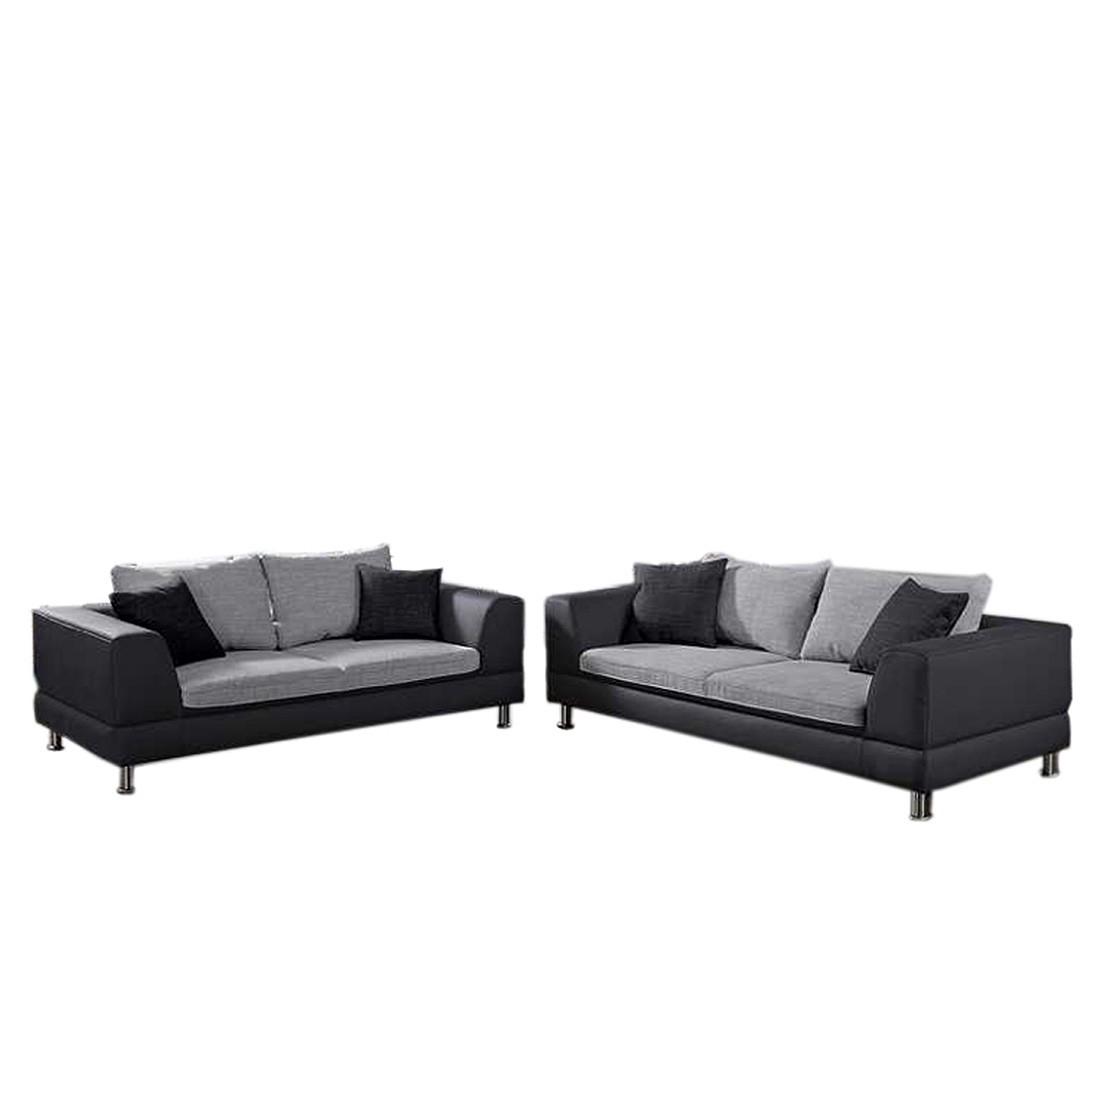 flint polstergarnitur 2 teilig kunstleder textil schwarz wei schwarz home design g nstig. Black Bedroom Furniture Sets. Home Design Ideas